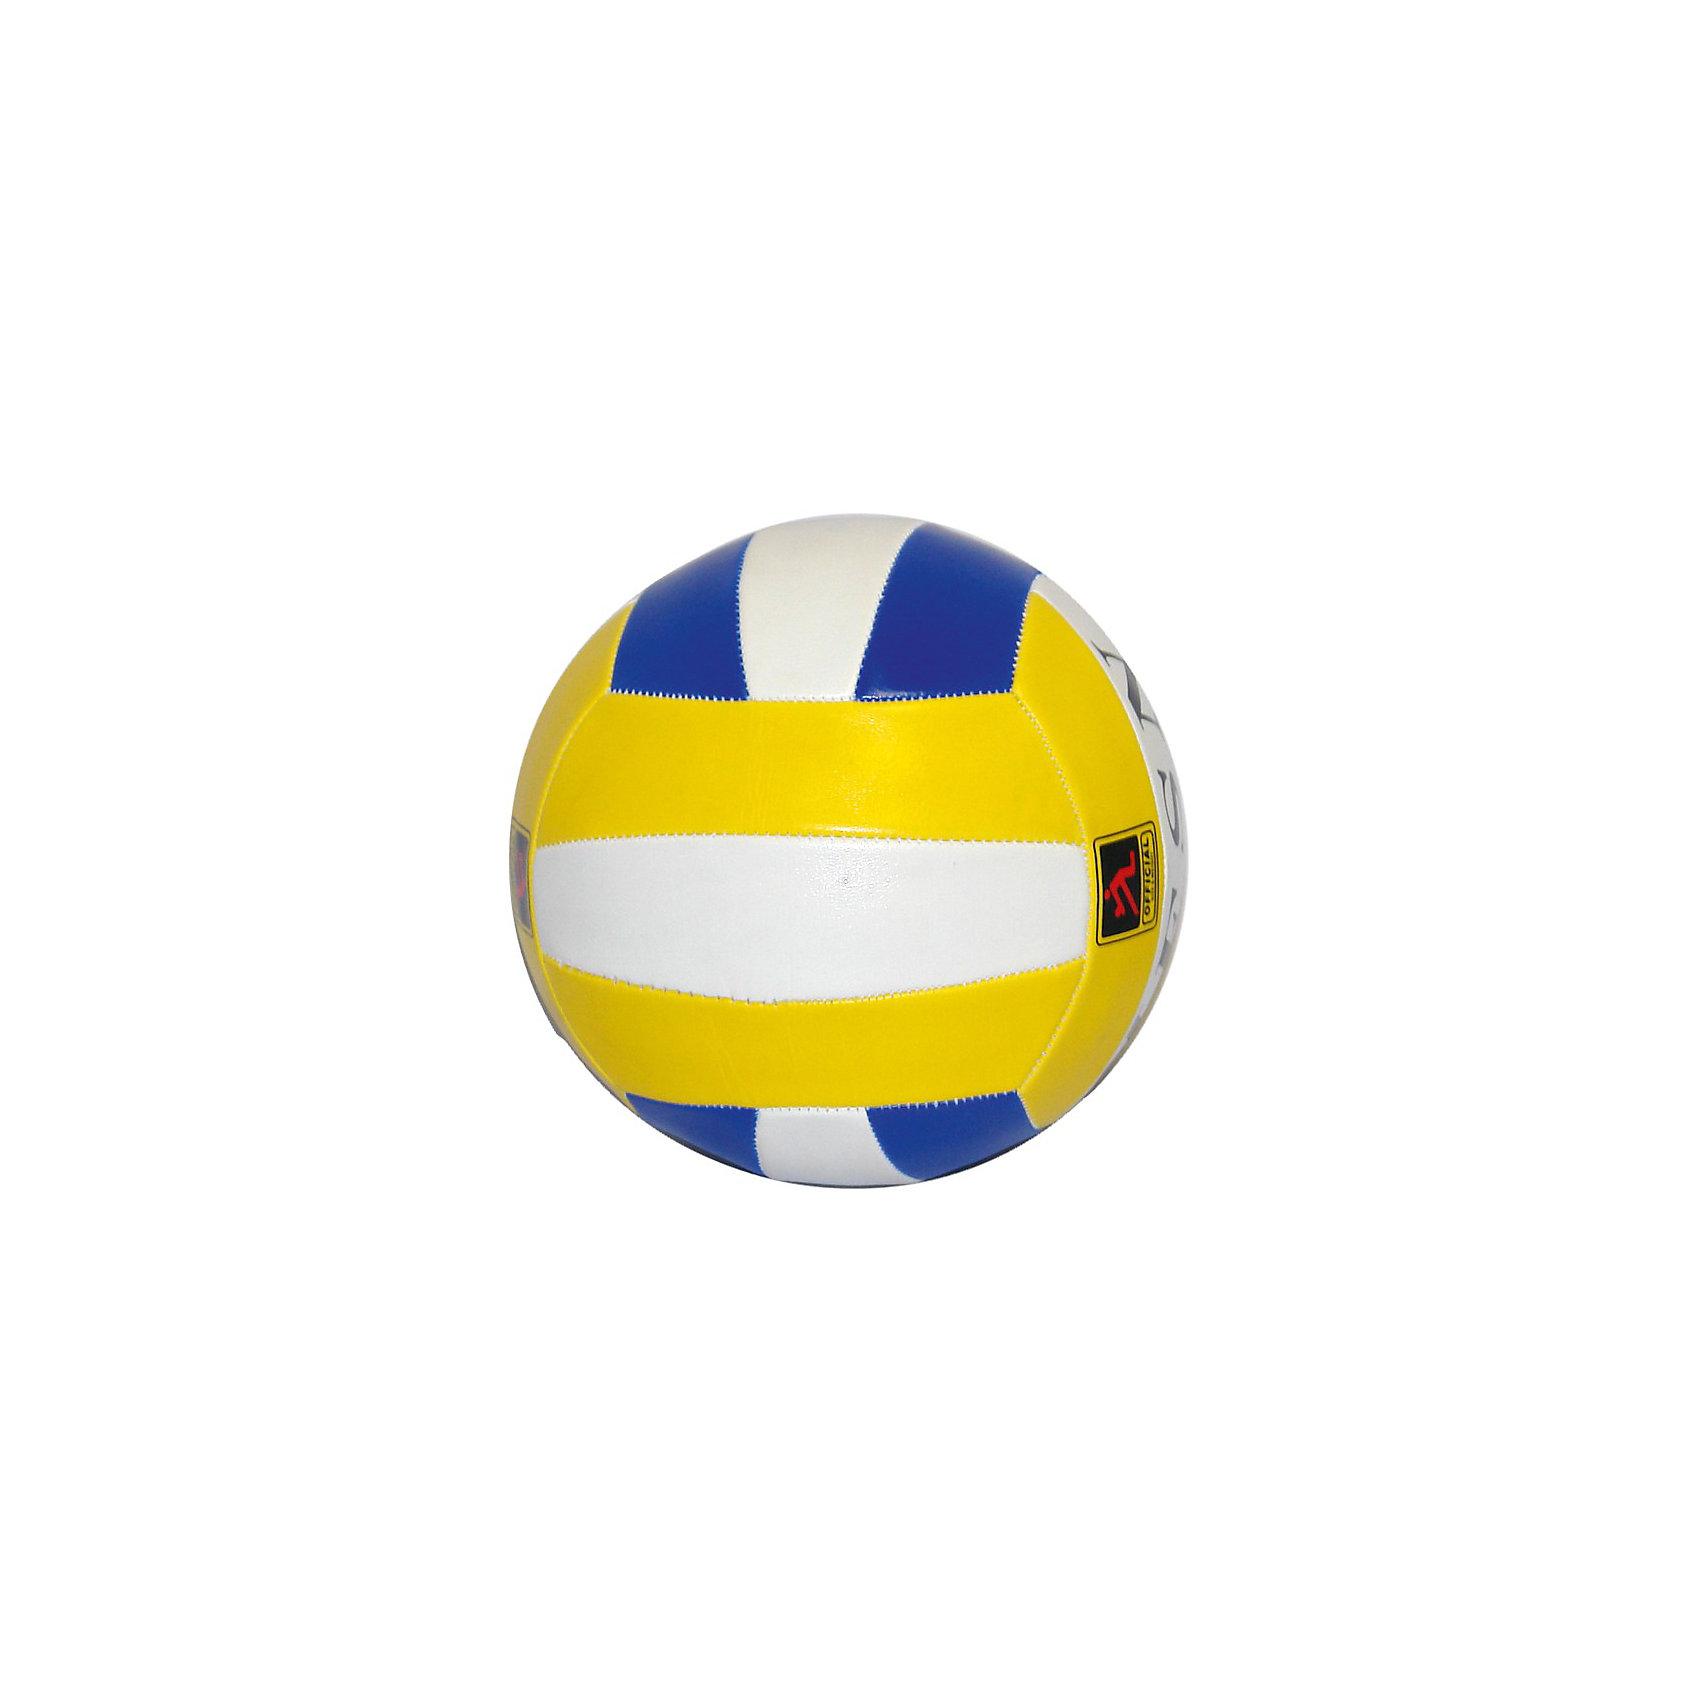 Ecos Мяч волейбольный,  Ecos мяч волейбольный atemi space бел желт син